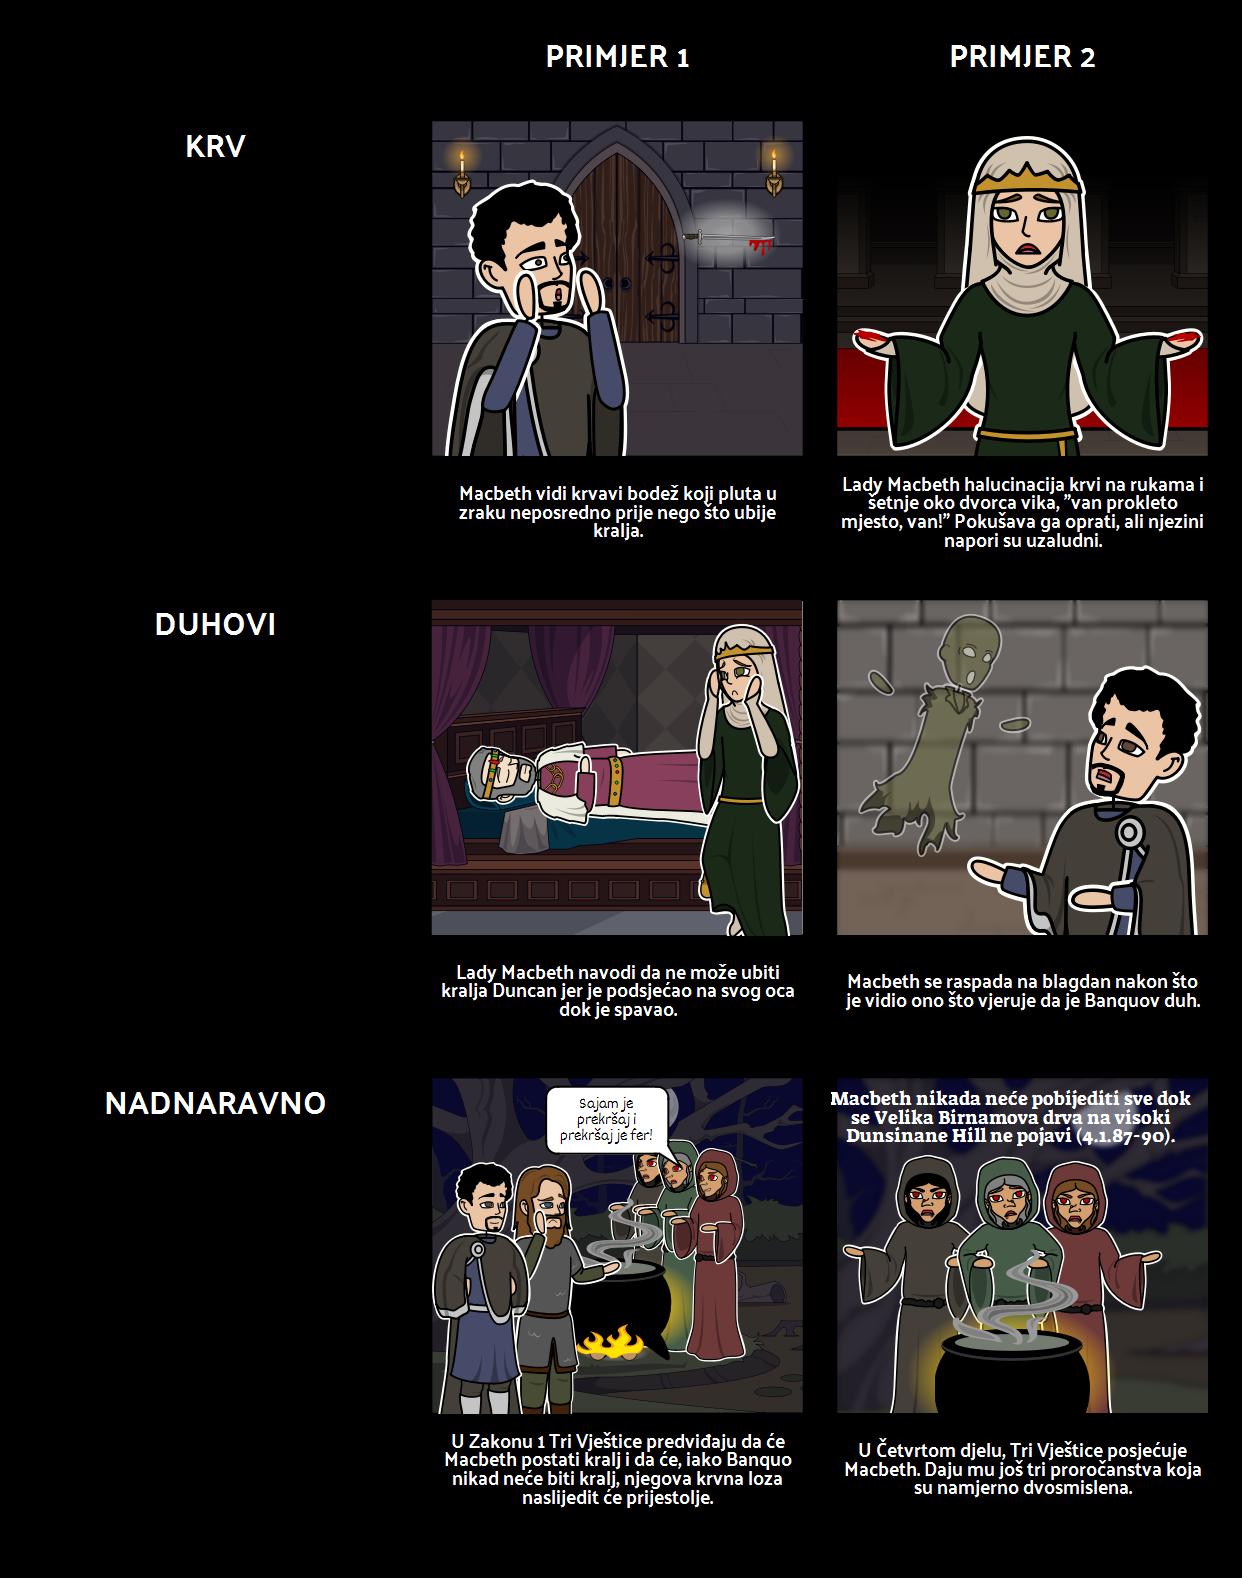 Macbethovi Simboli, Motivi i Teme